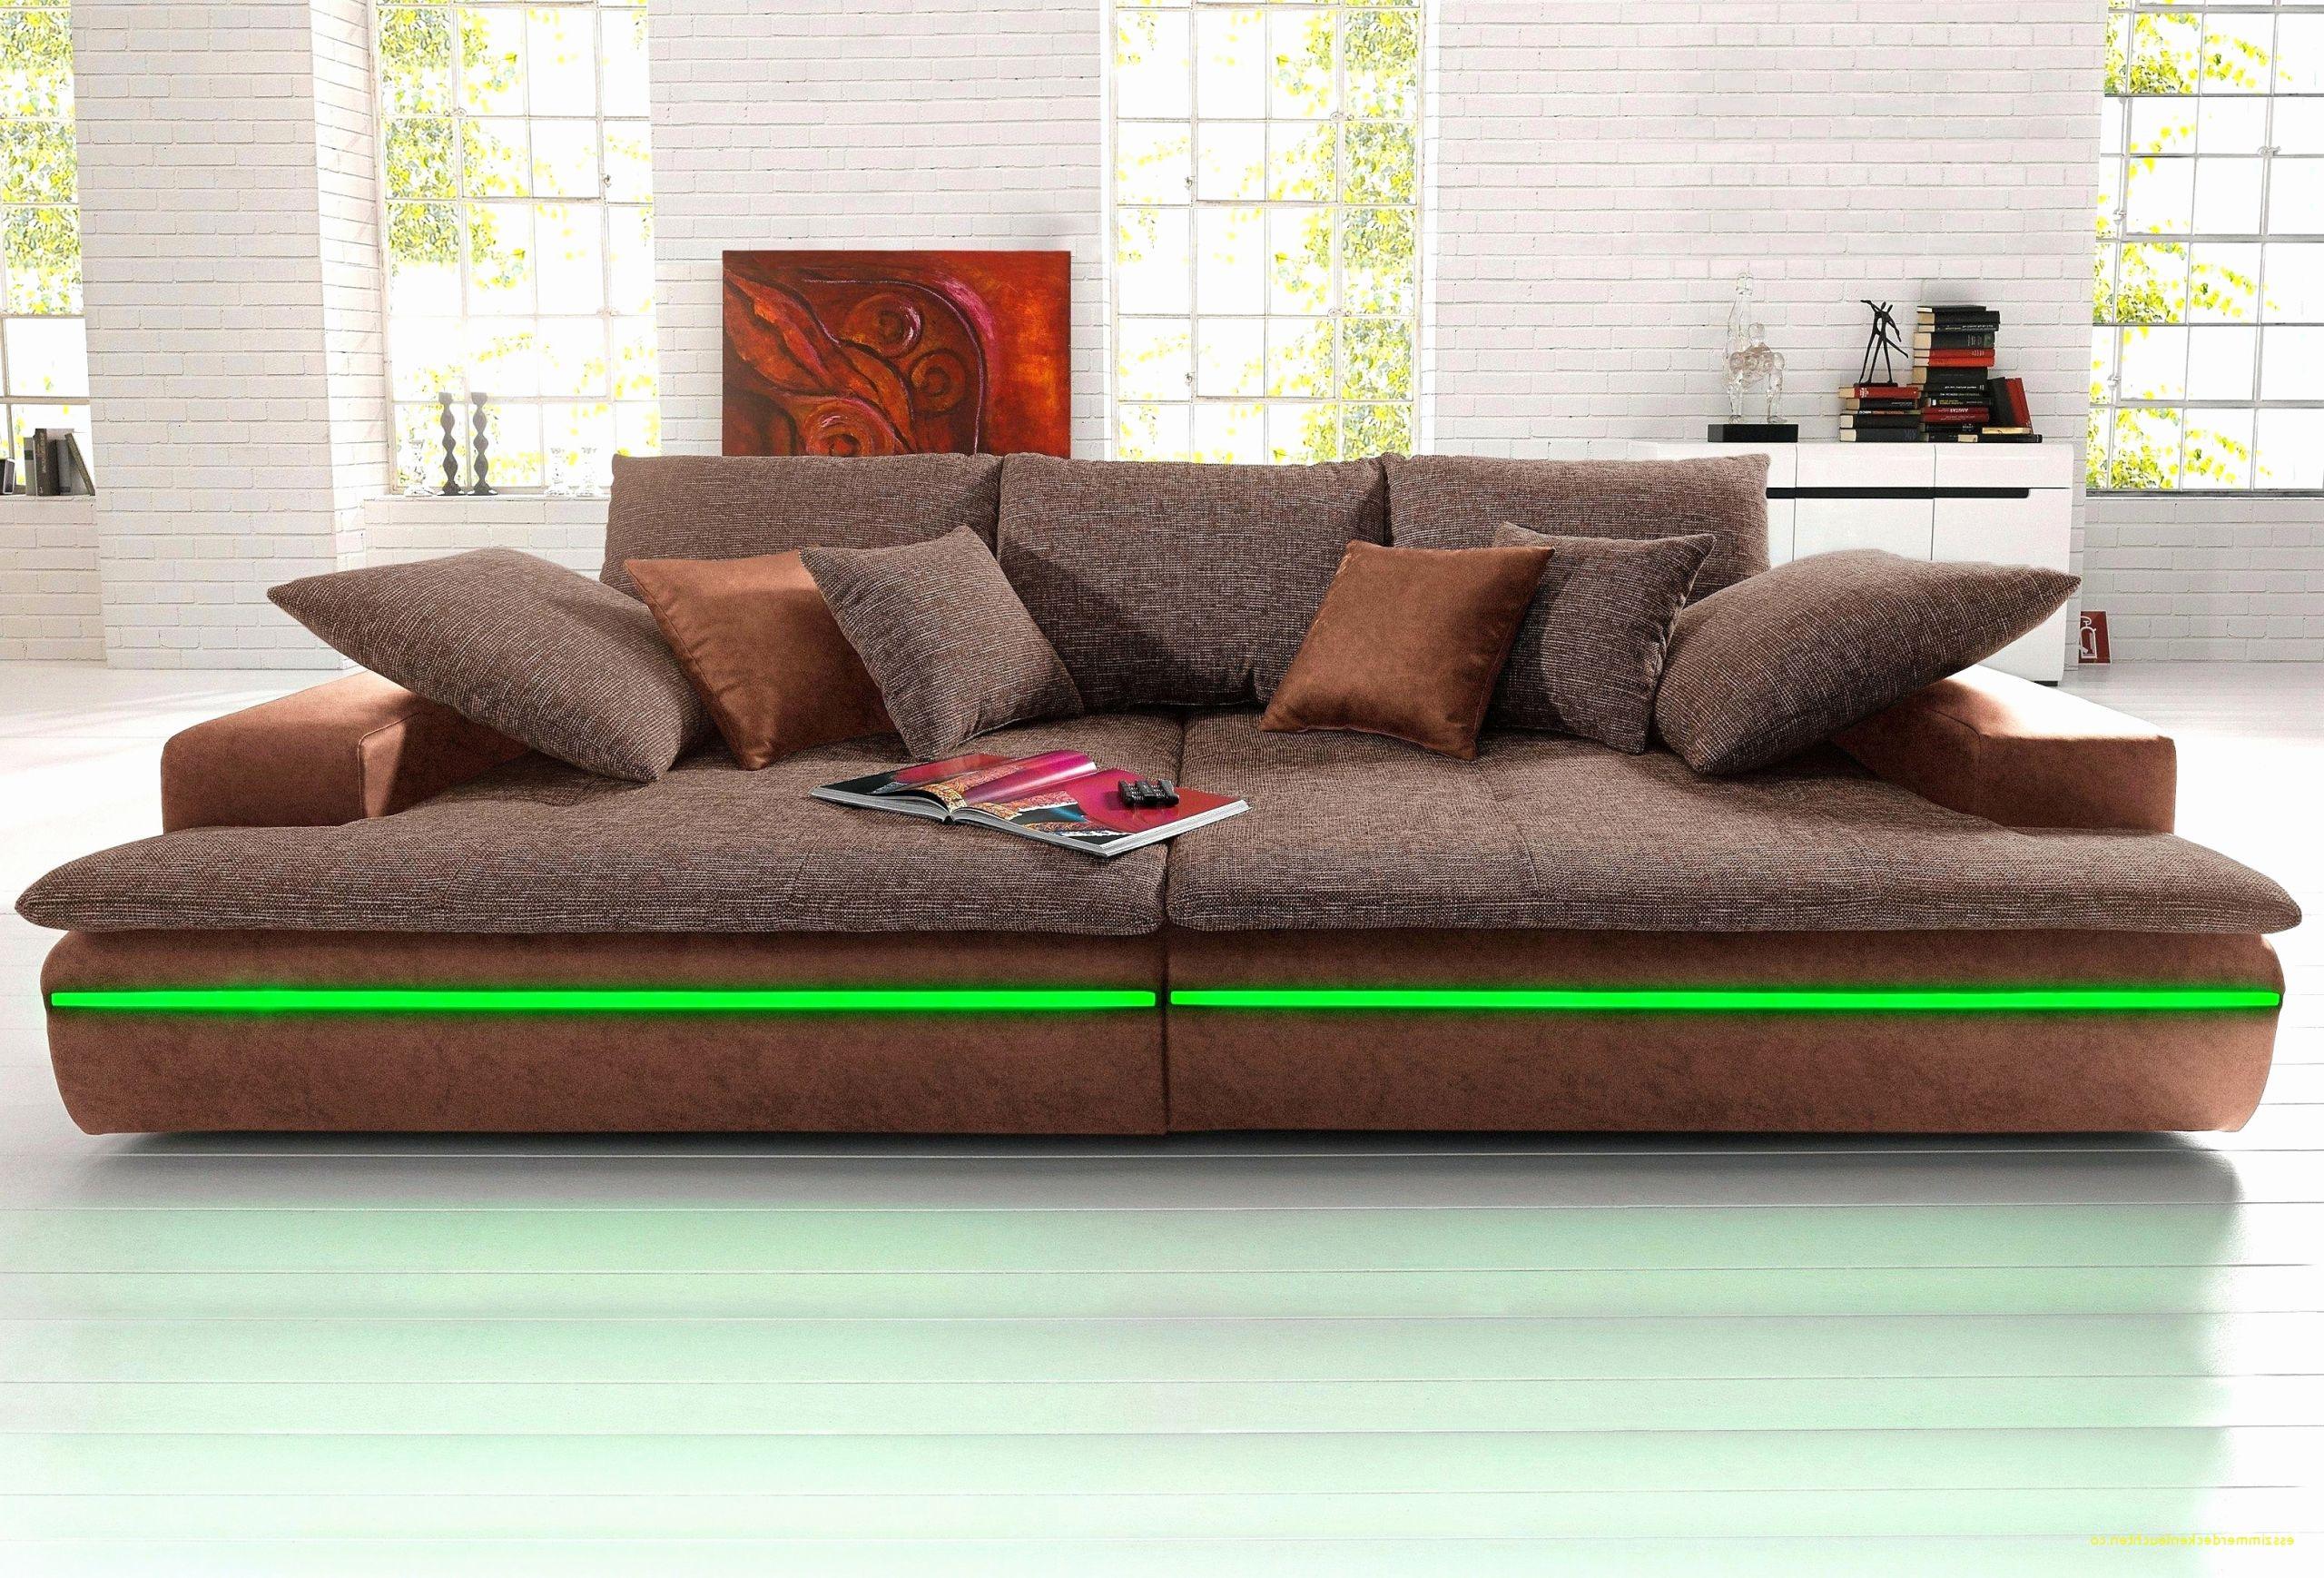 xxl big sofa rldj big sofa xxl lutz das beste von schlafsofa xxl xxl sofa leder